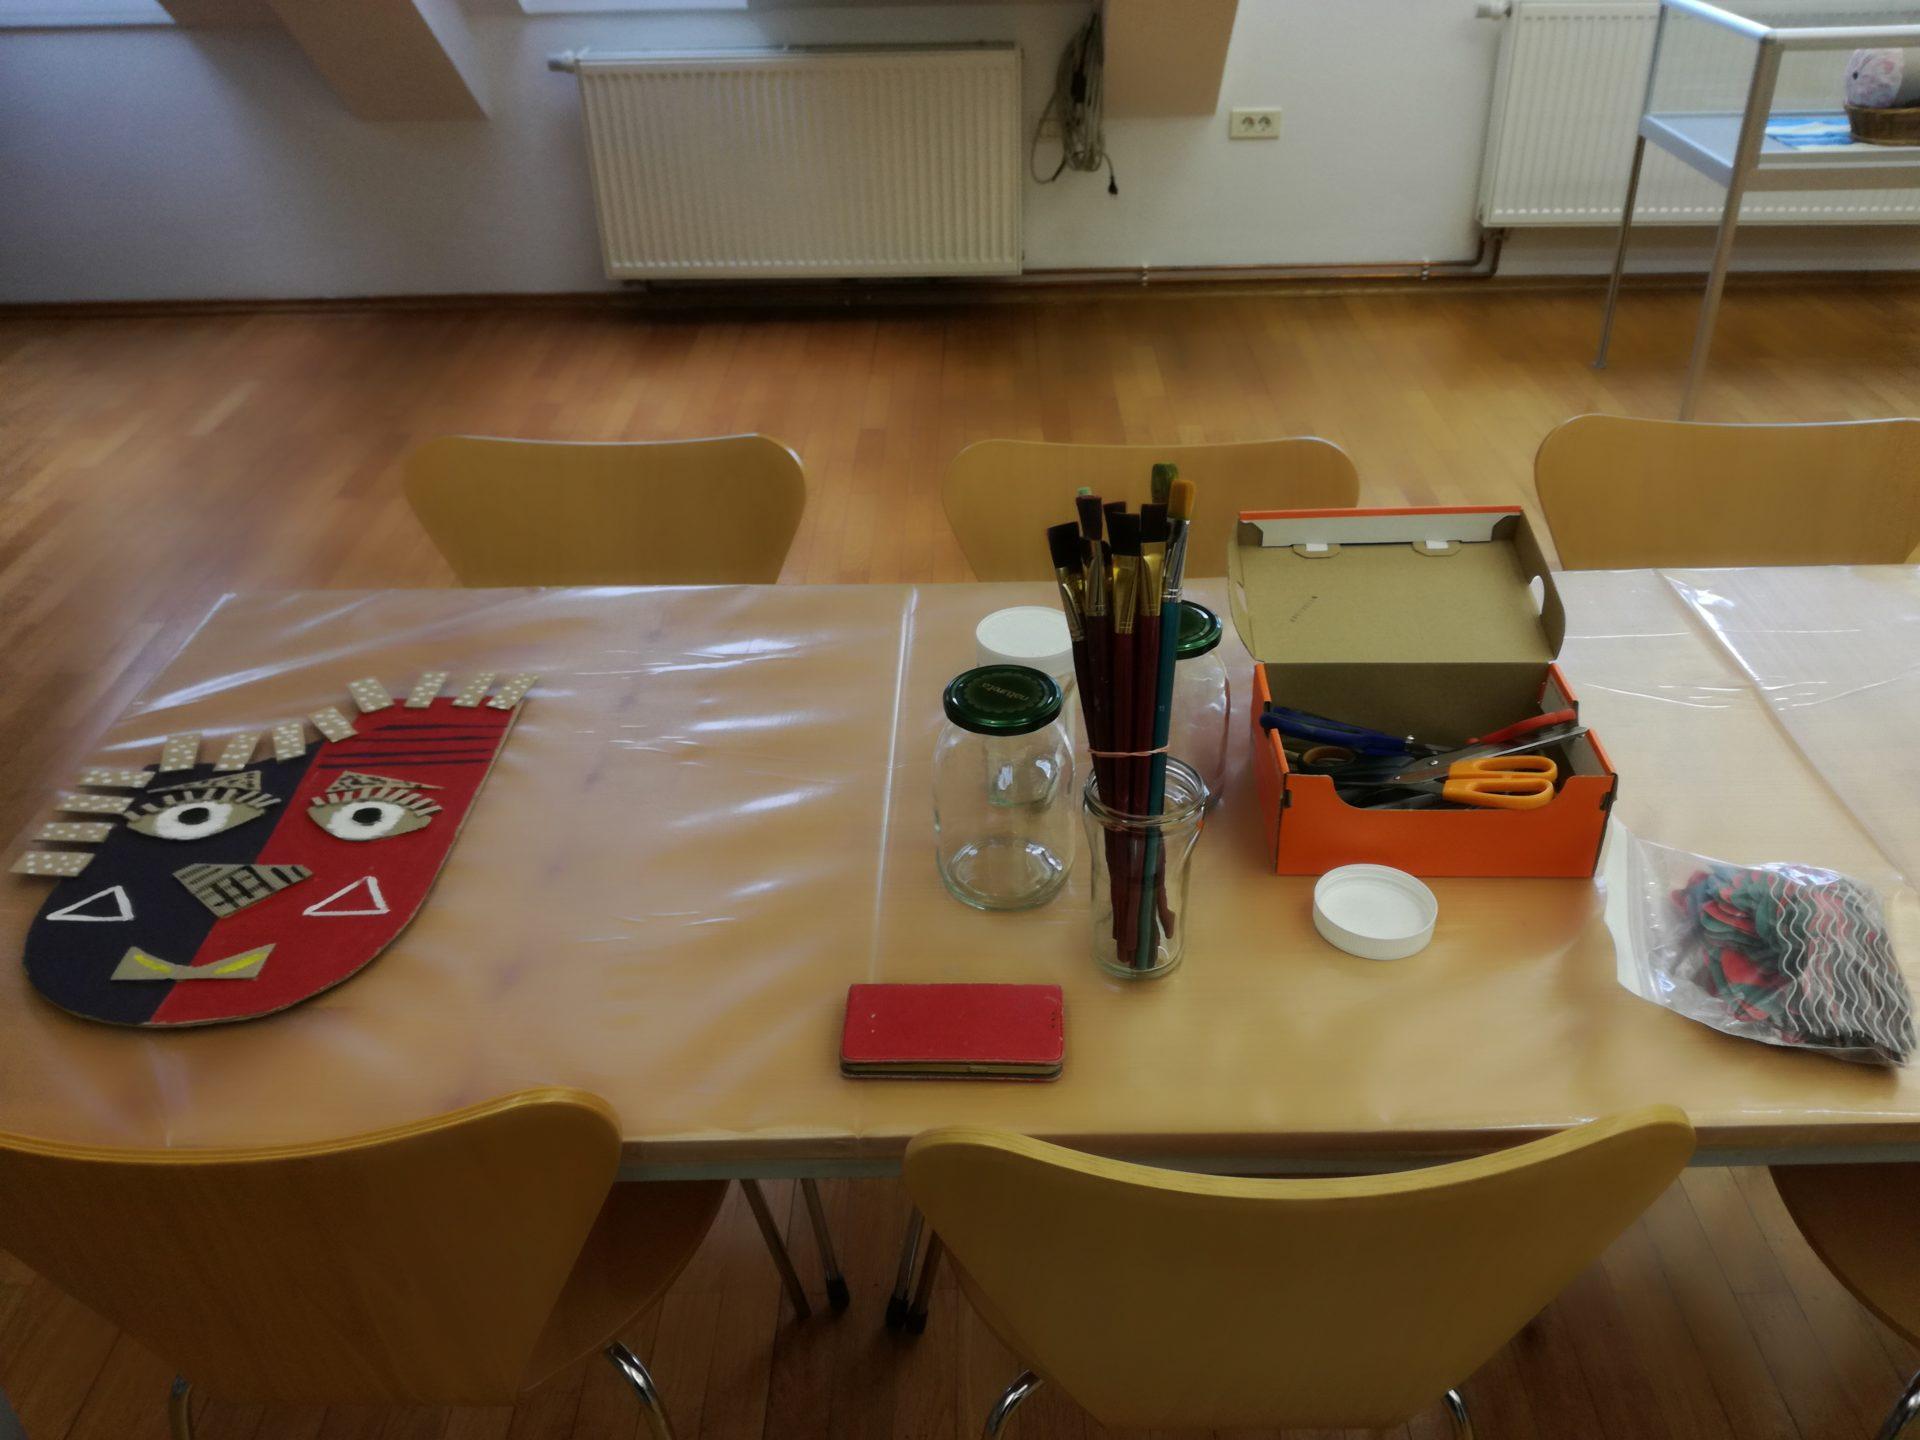 IMG 20200217 145539 - Počitniški tečaj izdelovanja mask v knjižnici